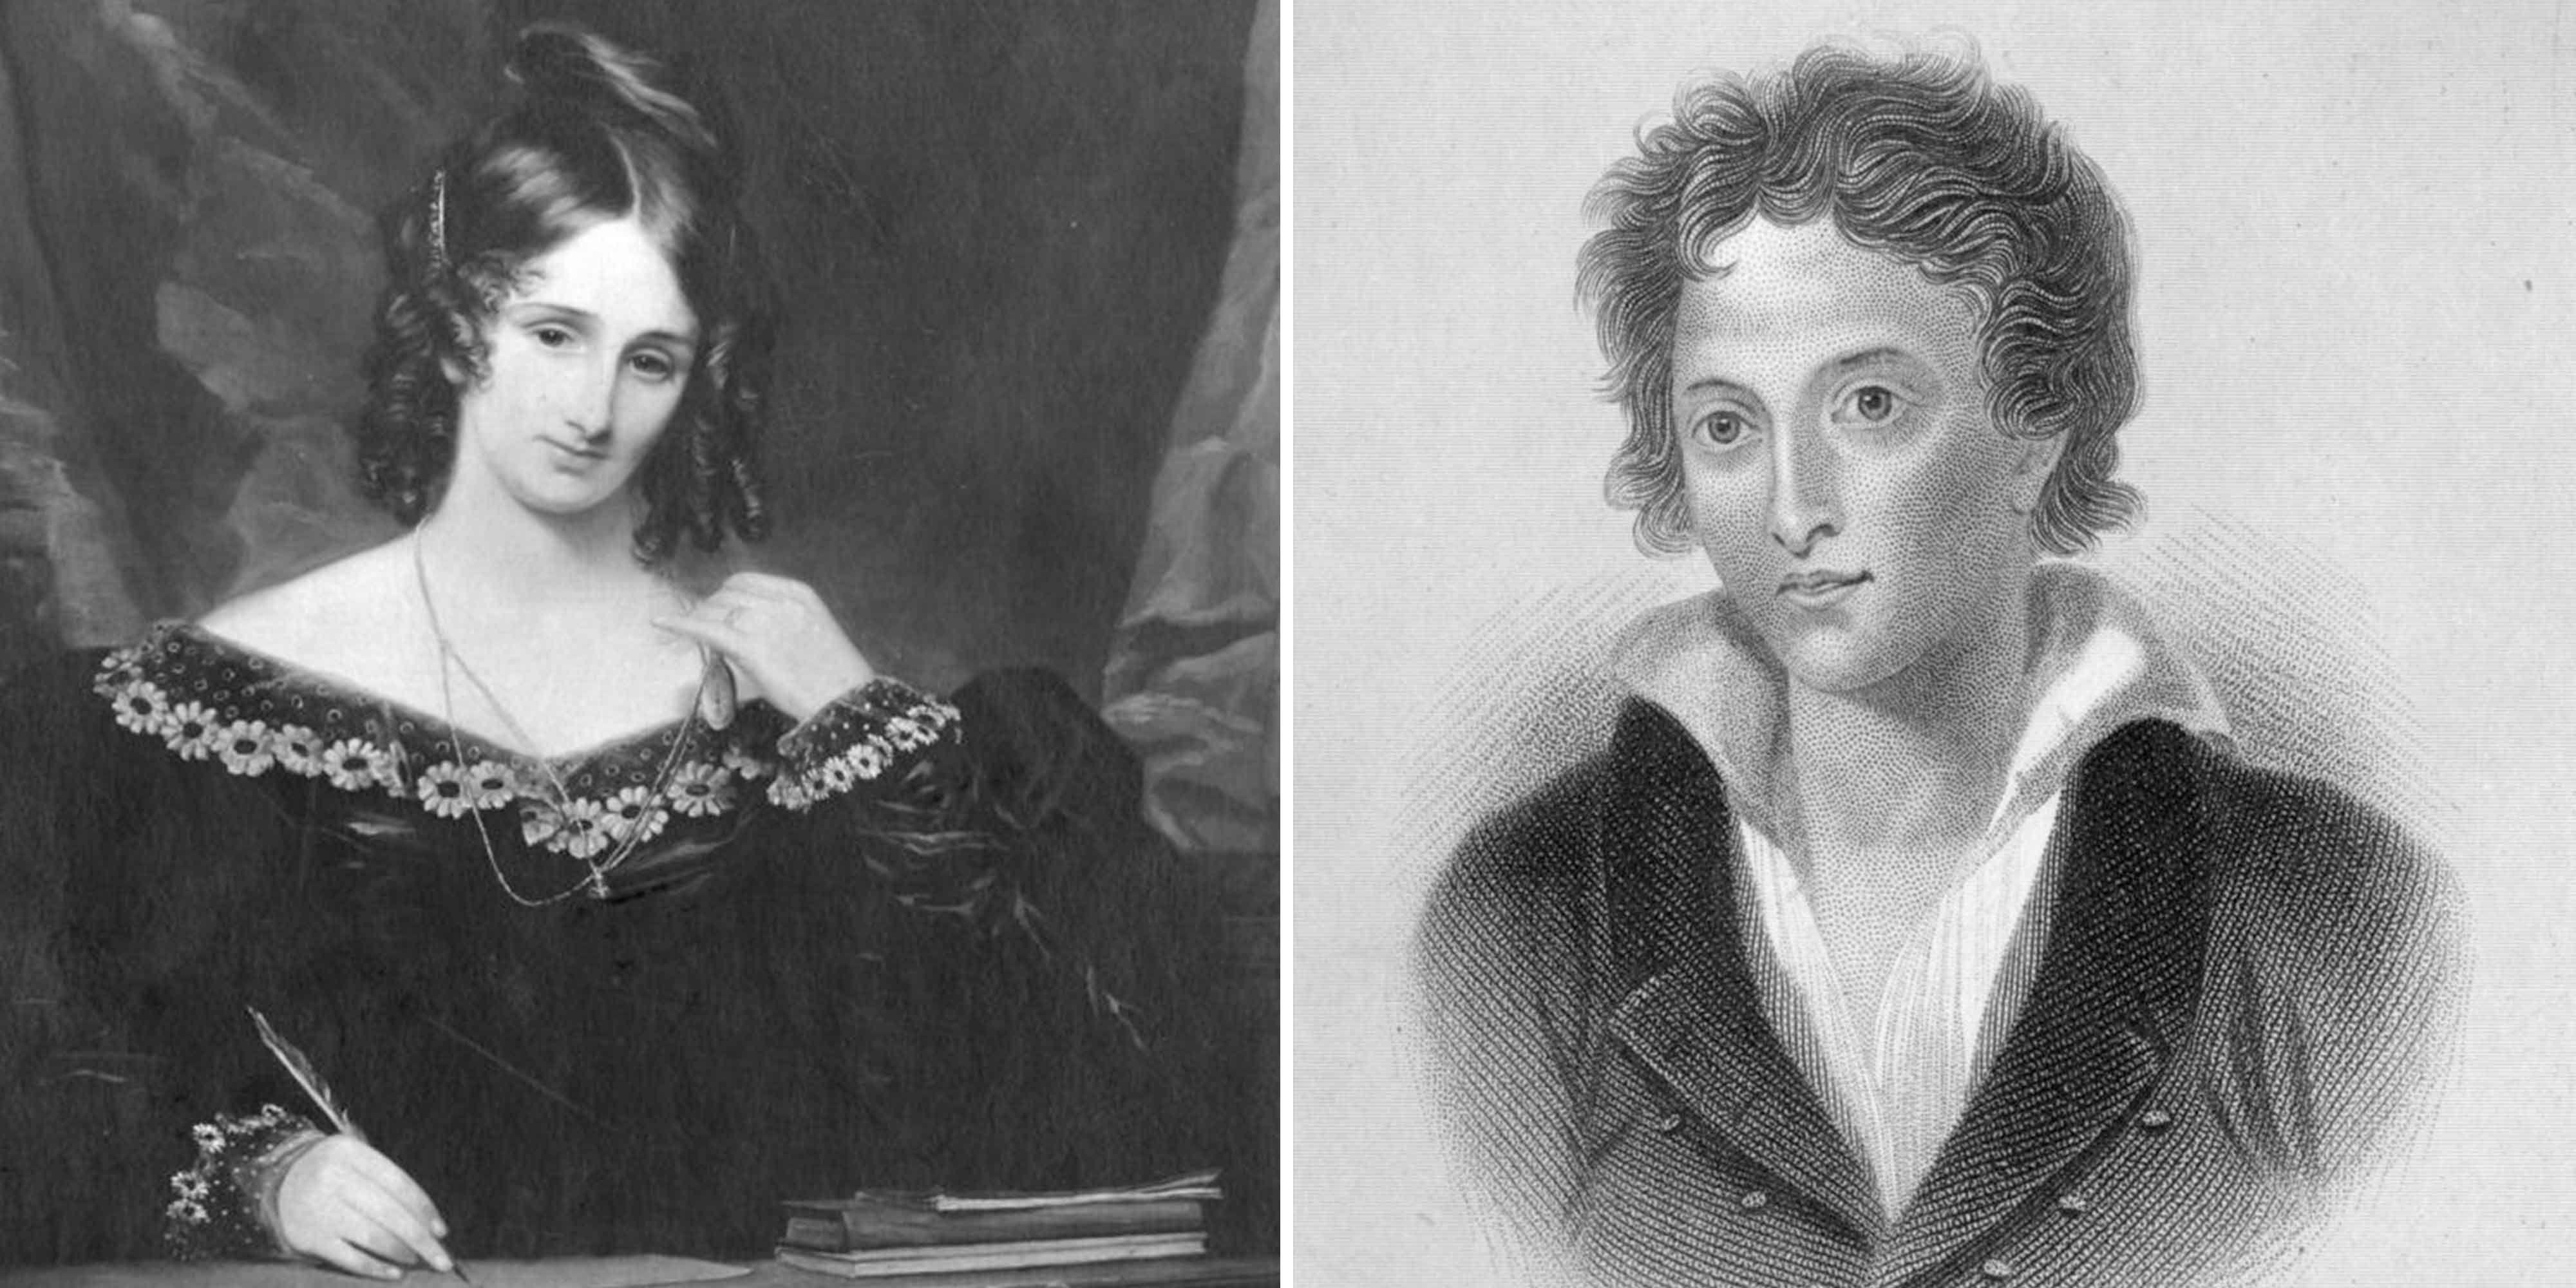 Mary Godwin Shelley and Percy Shelley